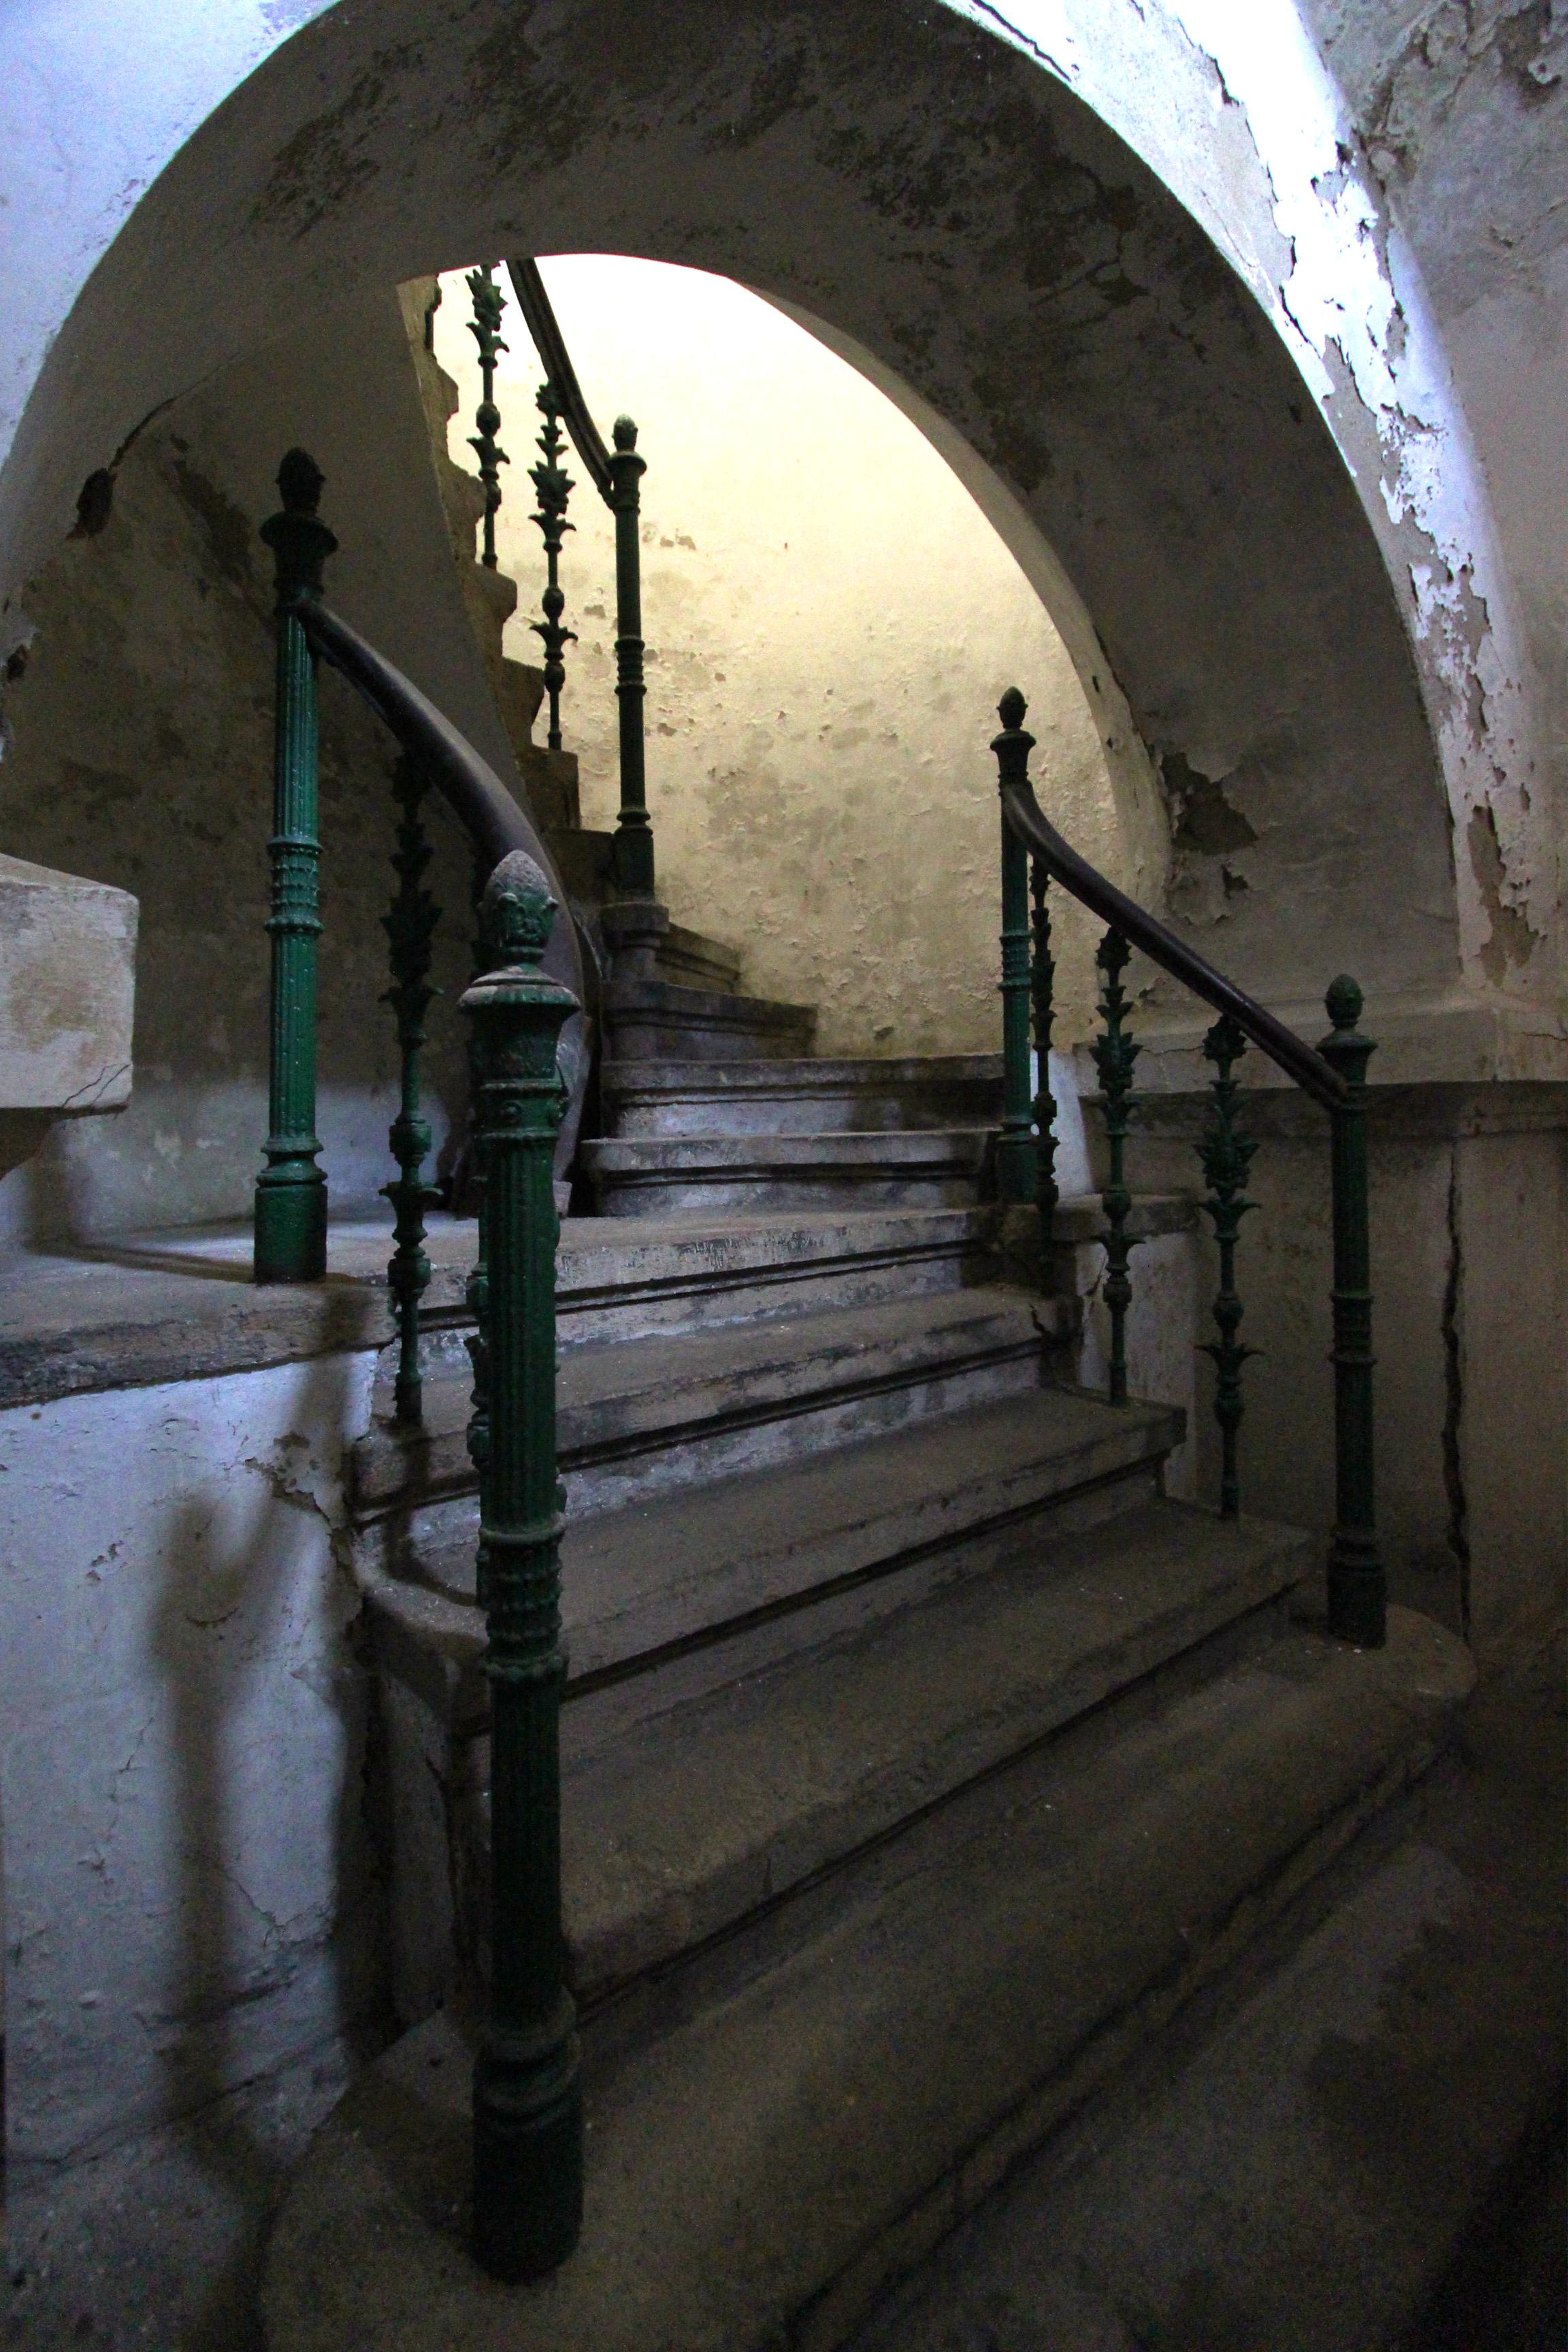 Ganz mauzóleum kívülről és belülről